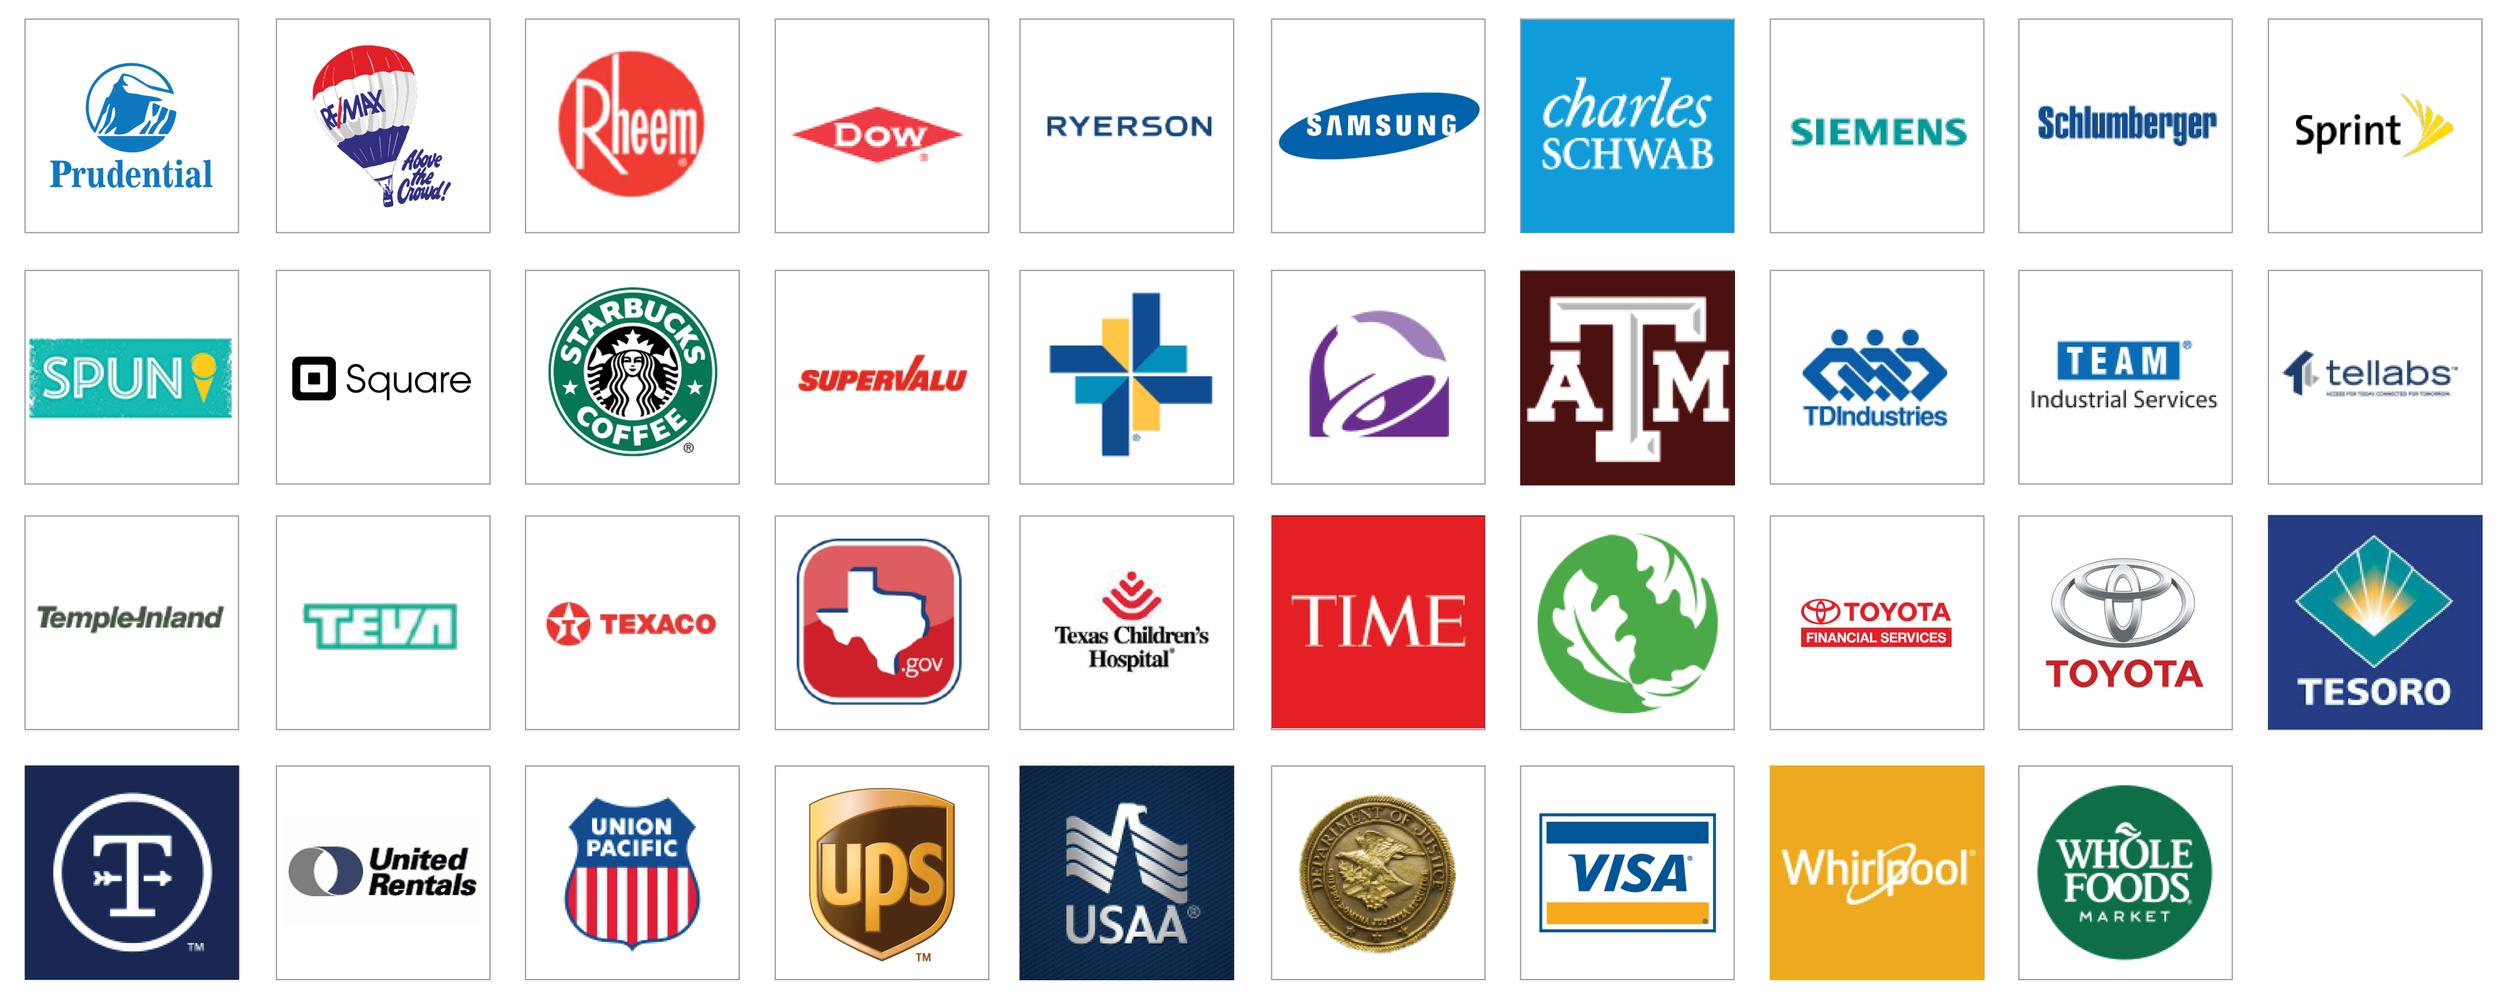 dieckert-client-logos4rows4.png